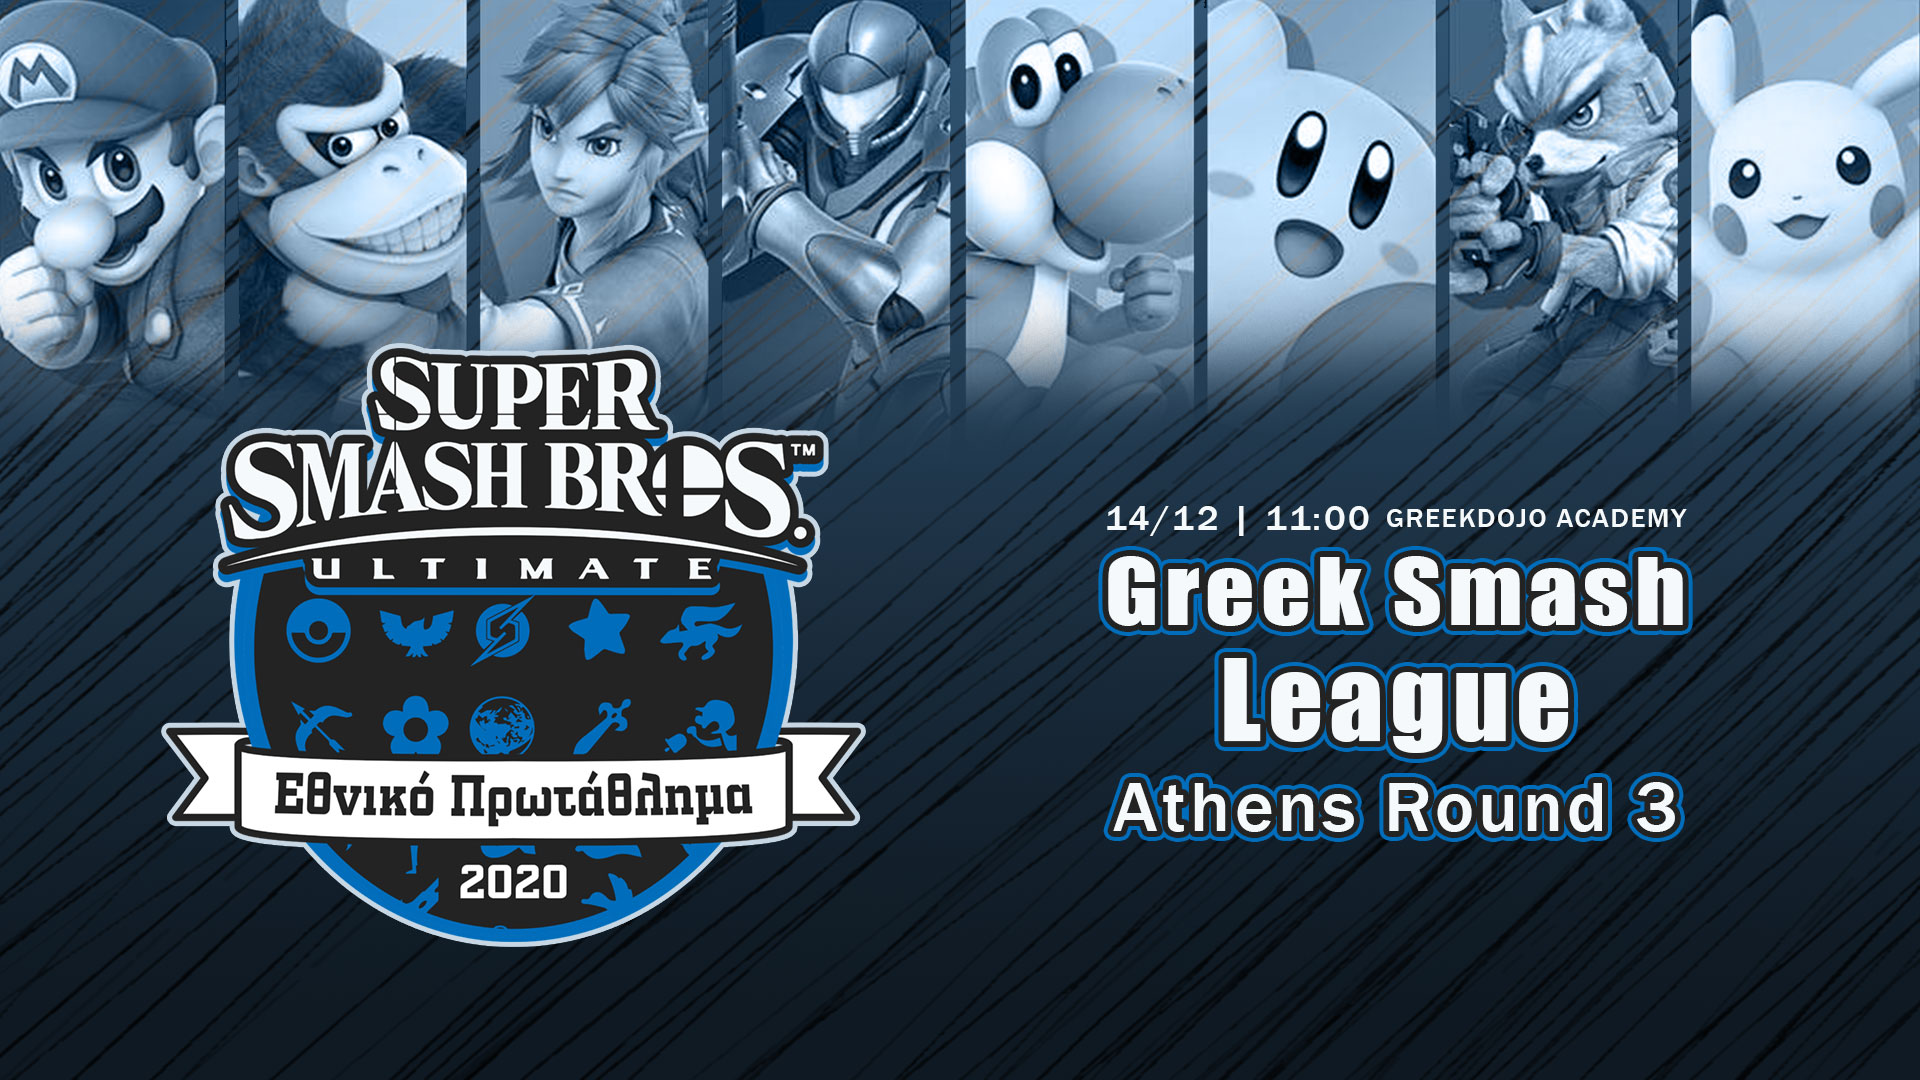 Greek Smash League 2020 Round 3 Athens